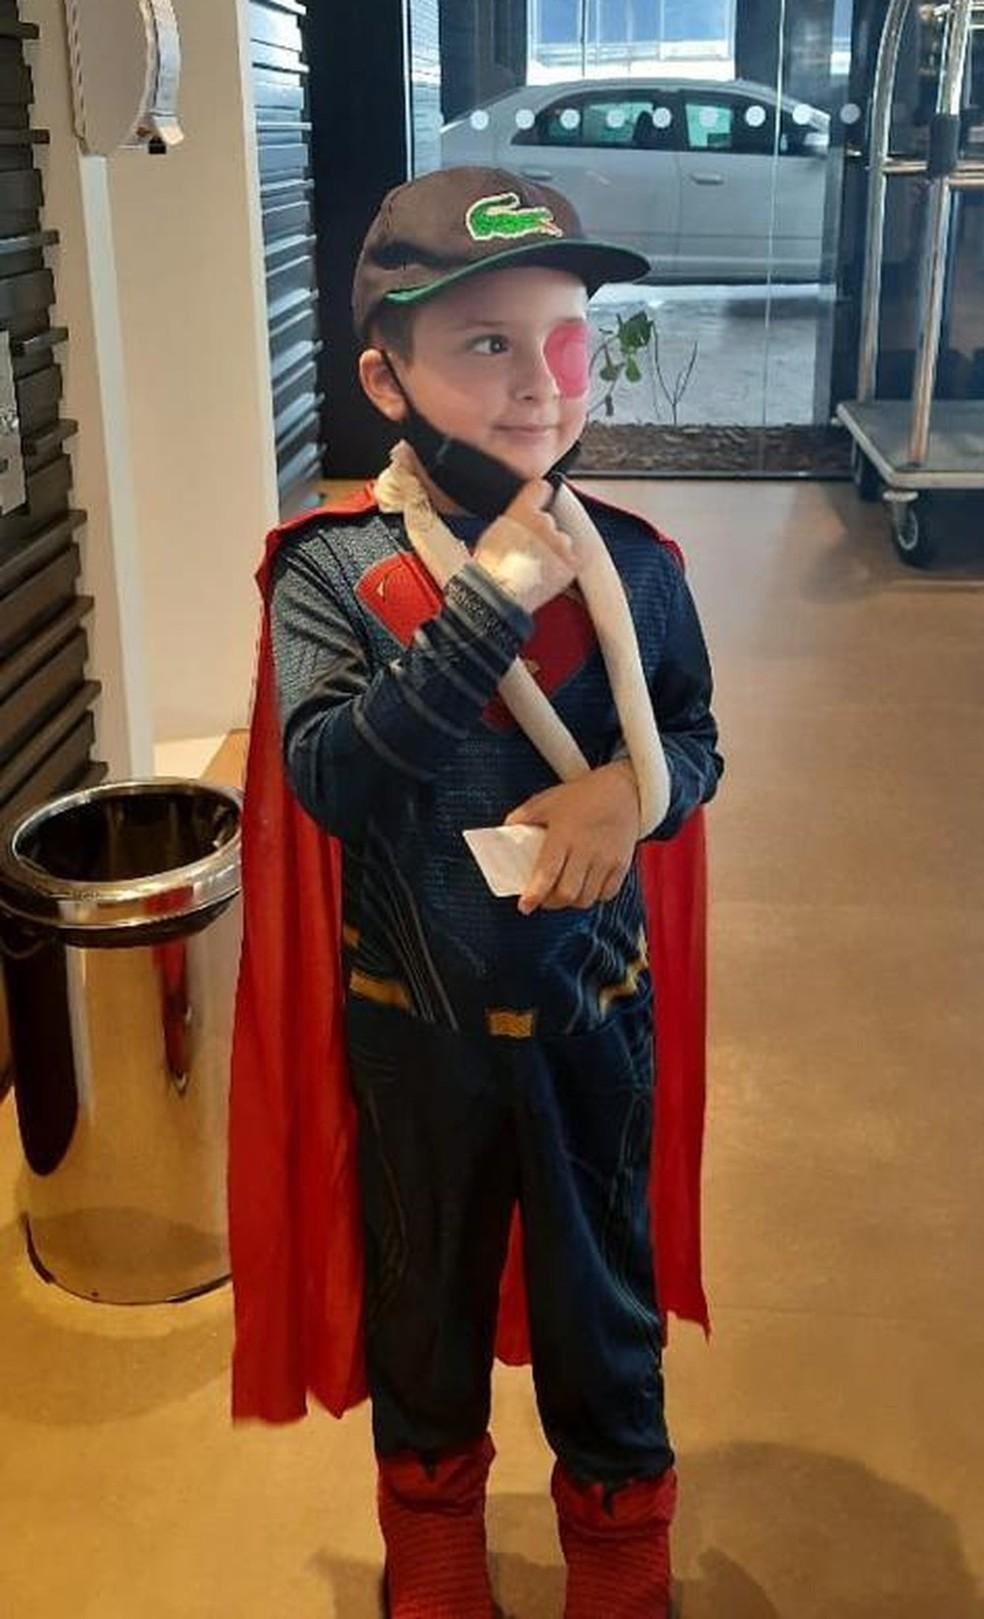 Enzo Vaz Ferreira Pontes saiu do hospital nesta sexta-feira (2) vestido de super-herói — Foto:  Luana Pontes/Arquivo Pessoal